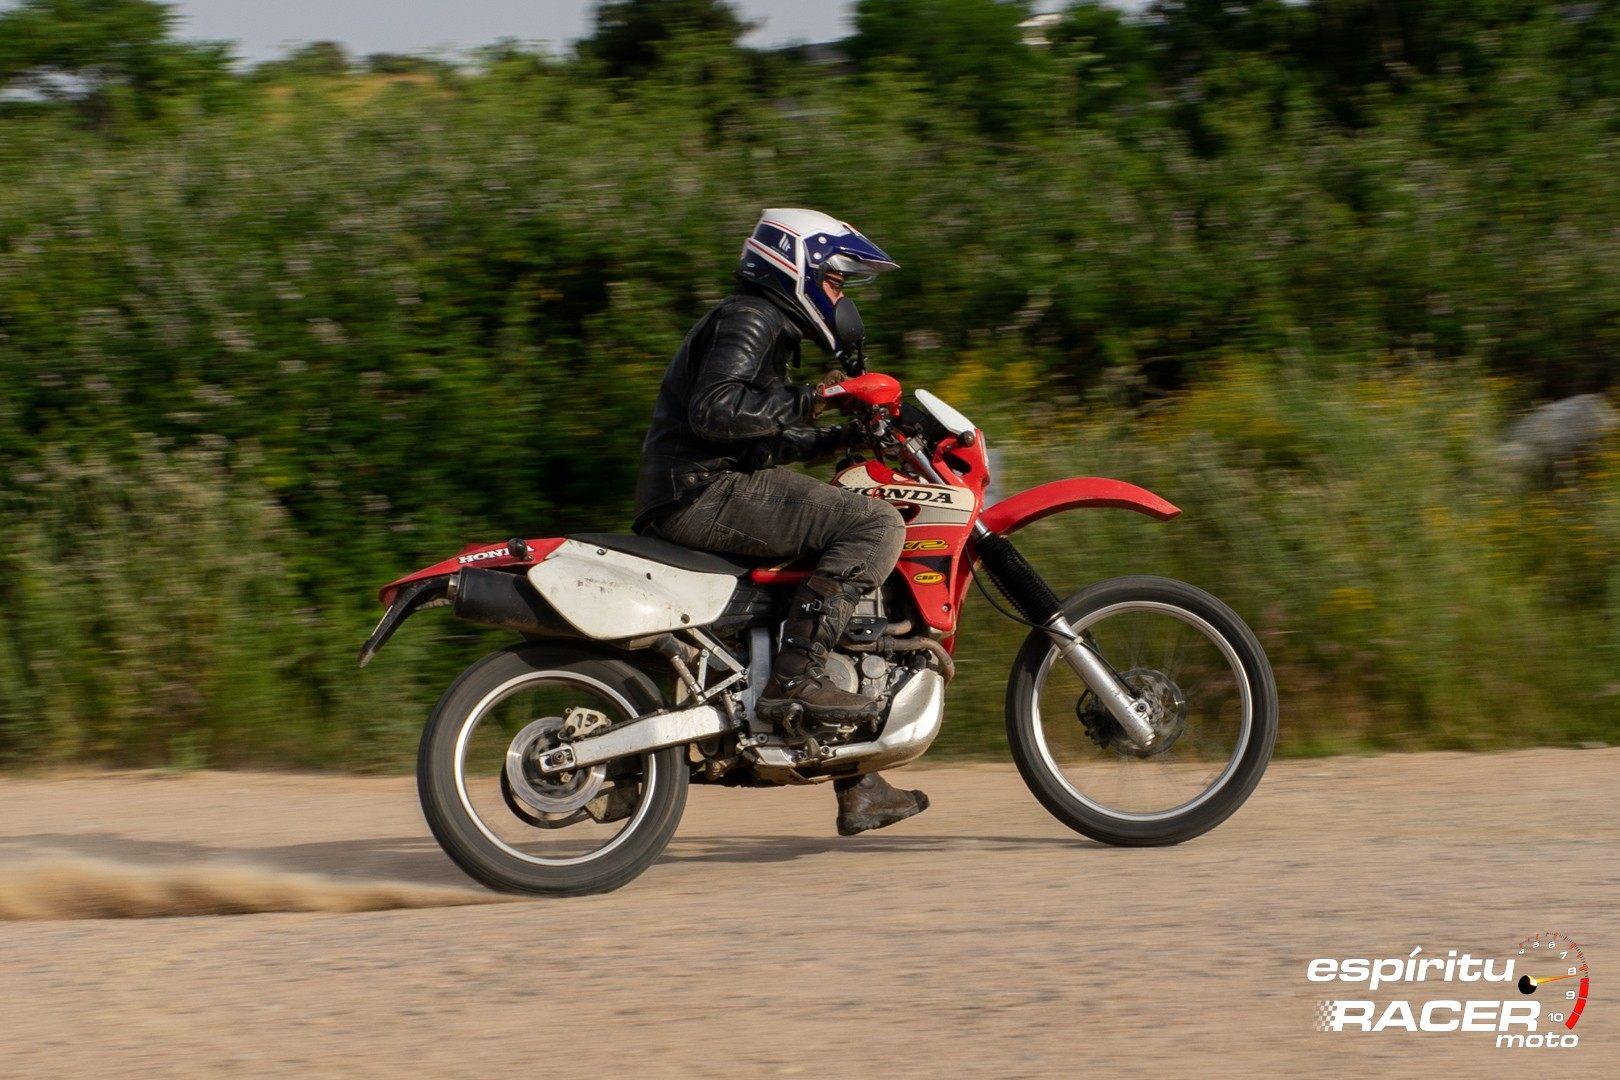 Prueba Honda XR 650 R 06